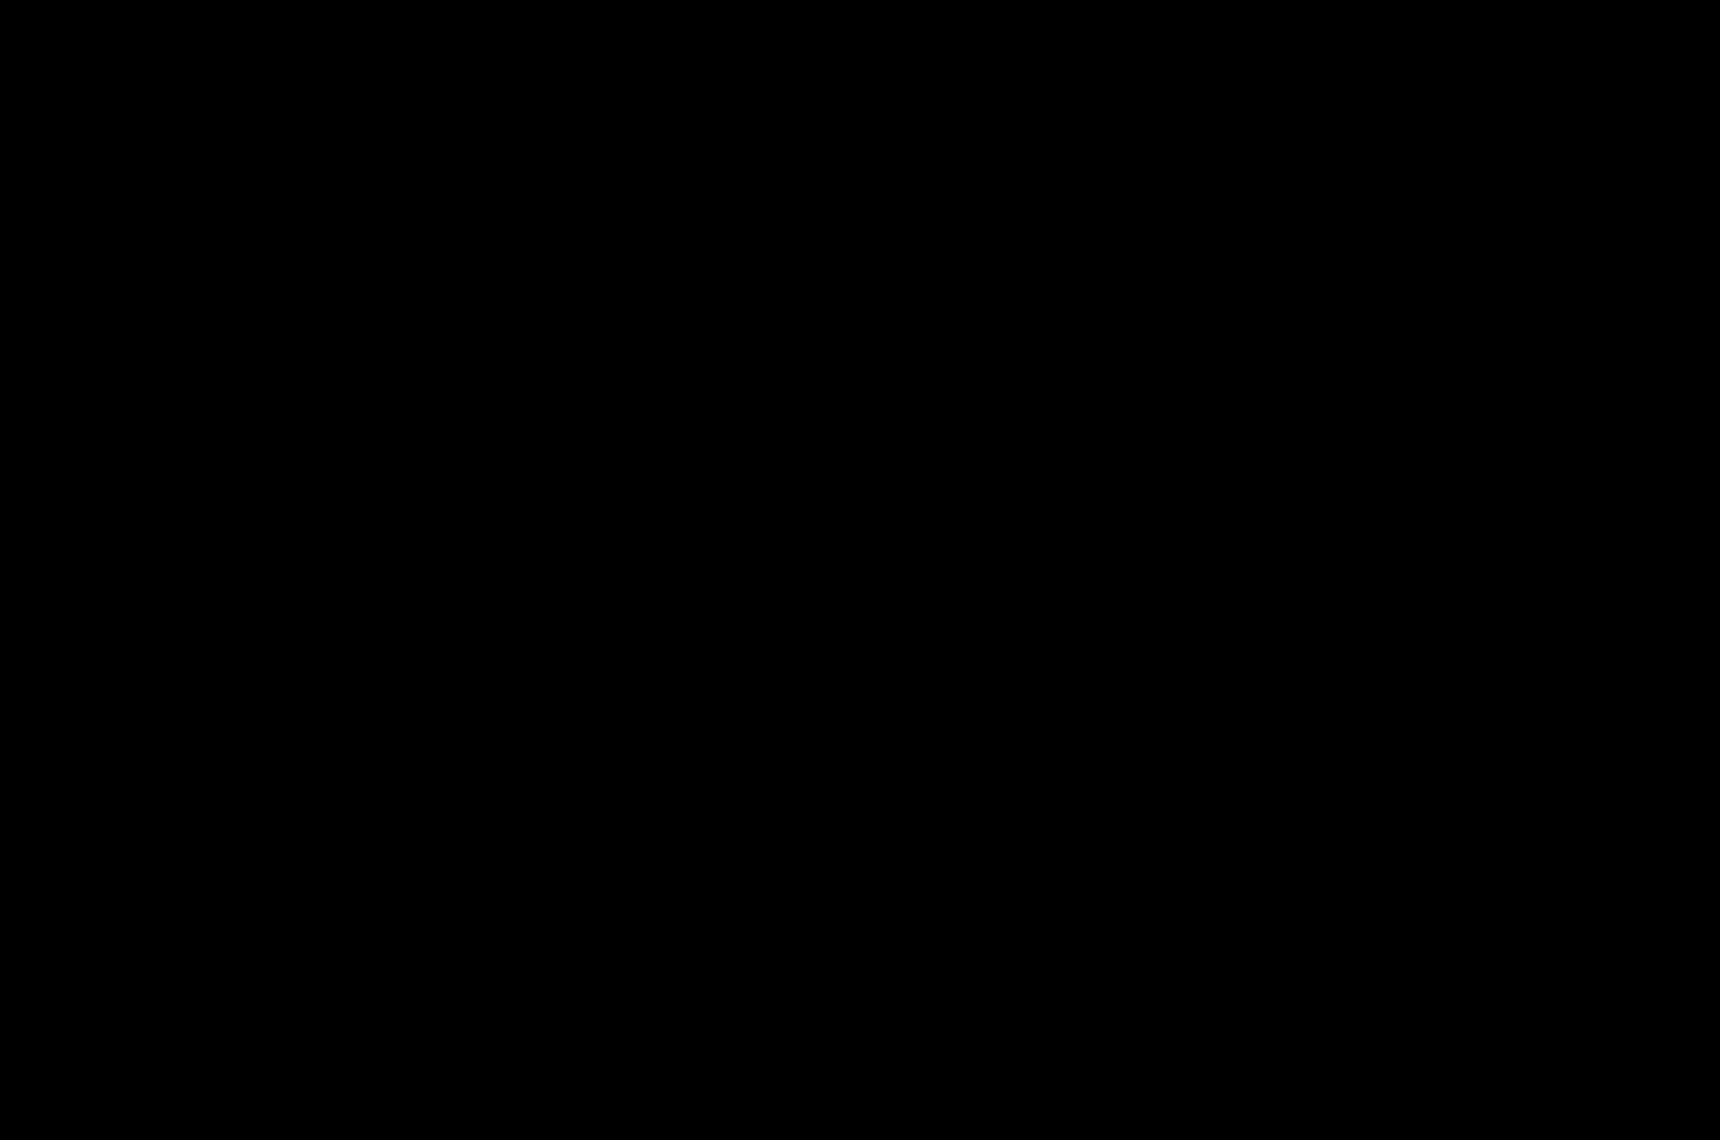 [49+] Solid Black Wallpaper on WallpaperSafari